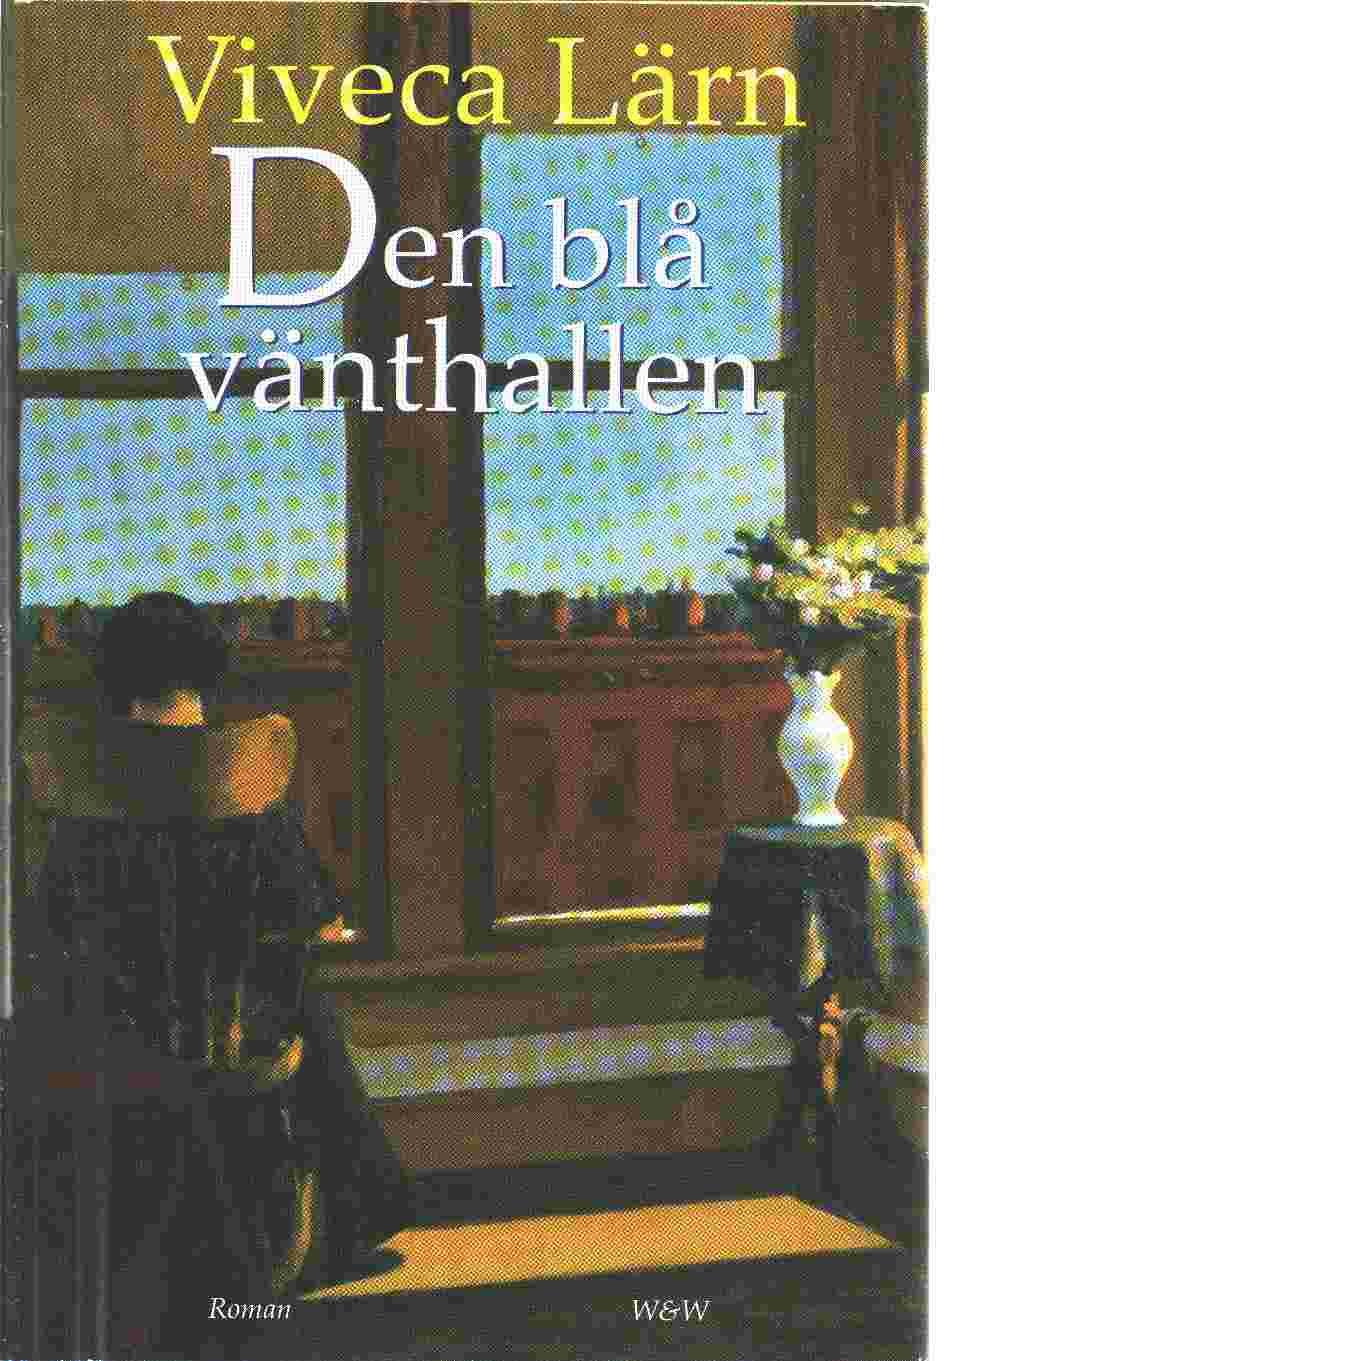 Den blå vänthallen - Lärn, Viveca